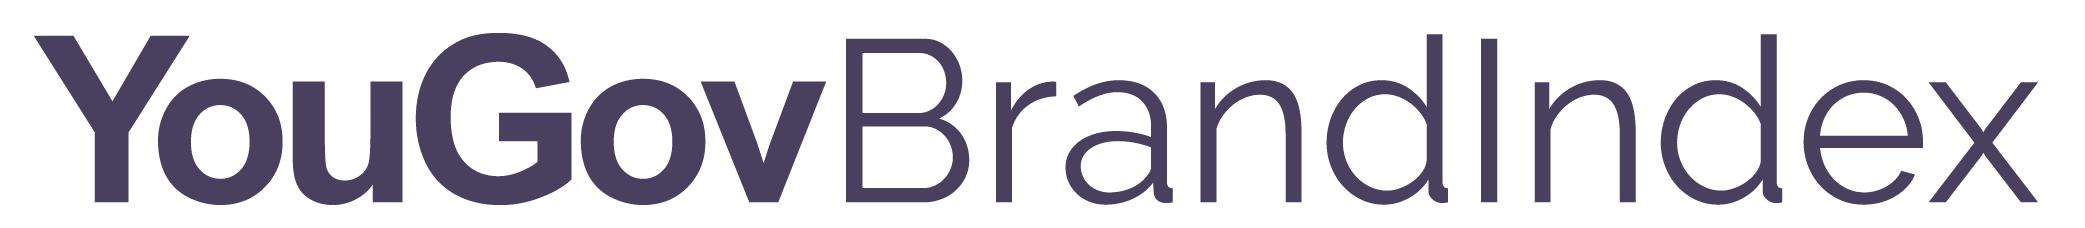 YouGov BrandIndex - Der tägliche Markenmonitor